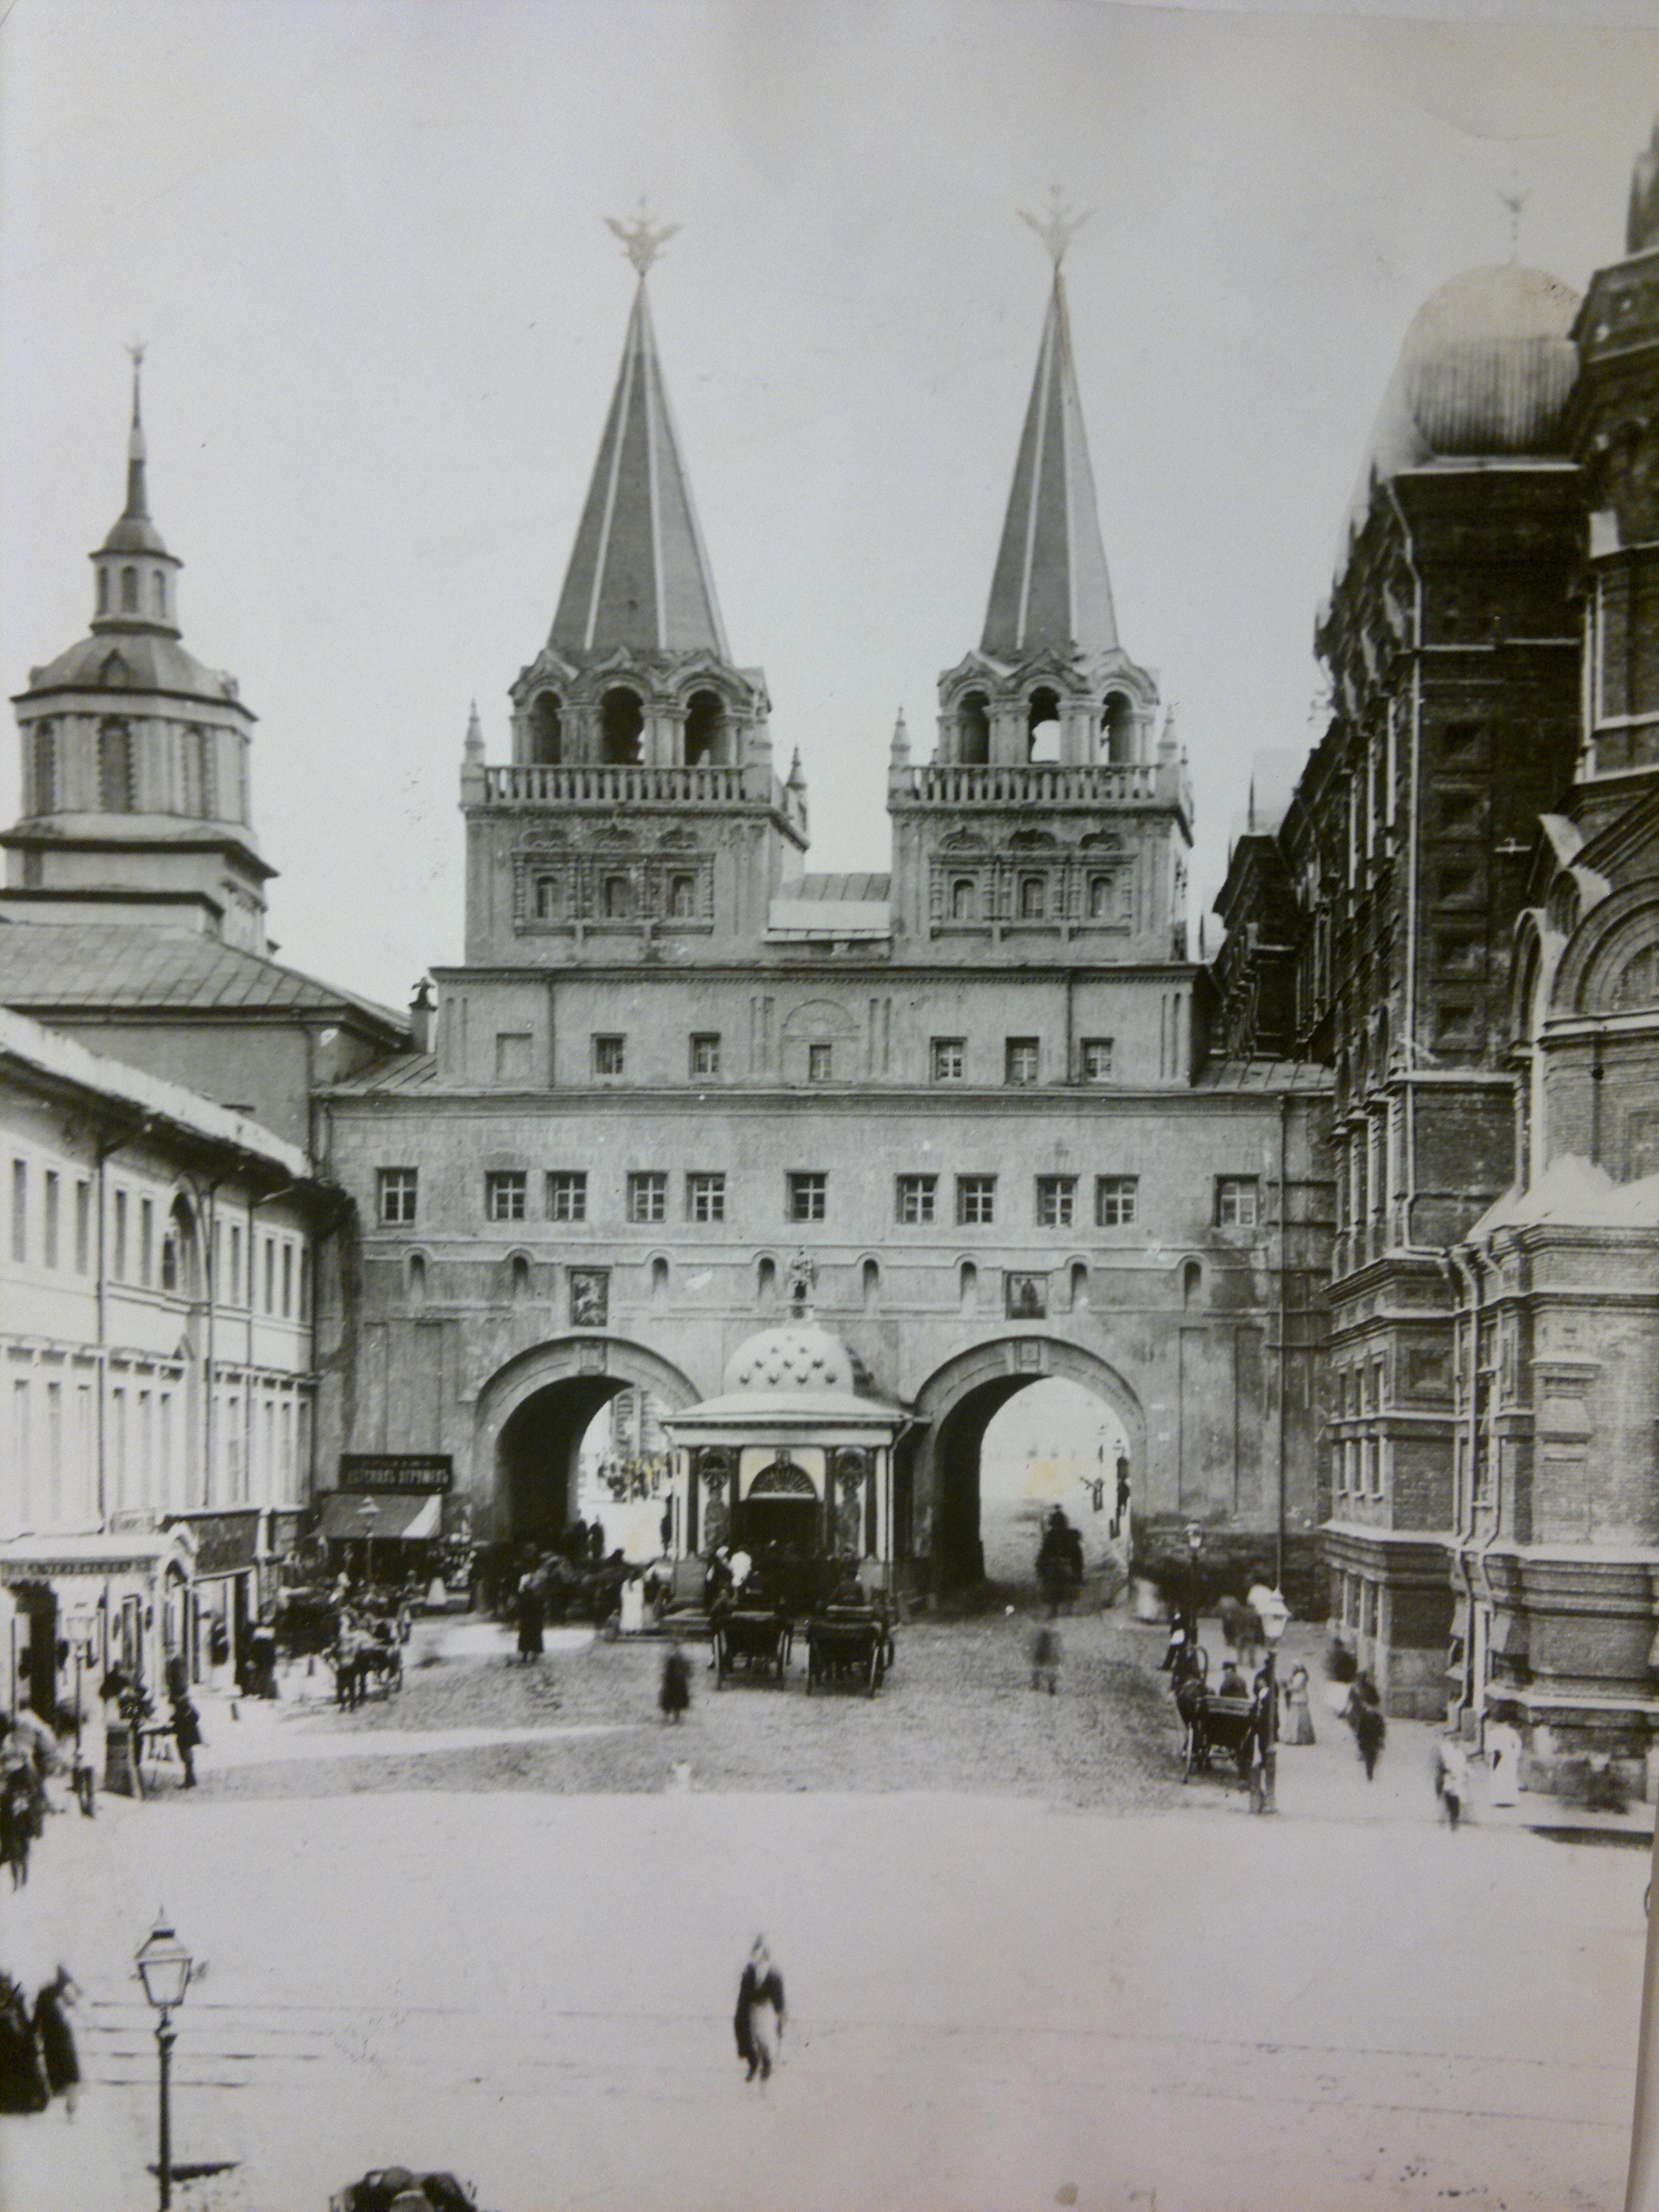 Воскресенские ворота Китай-города